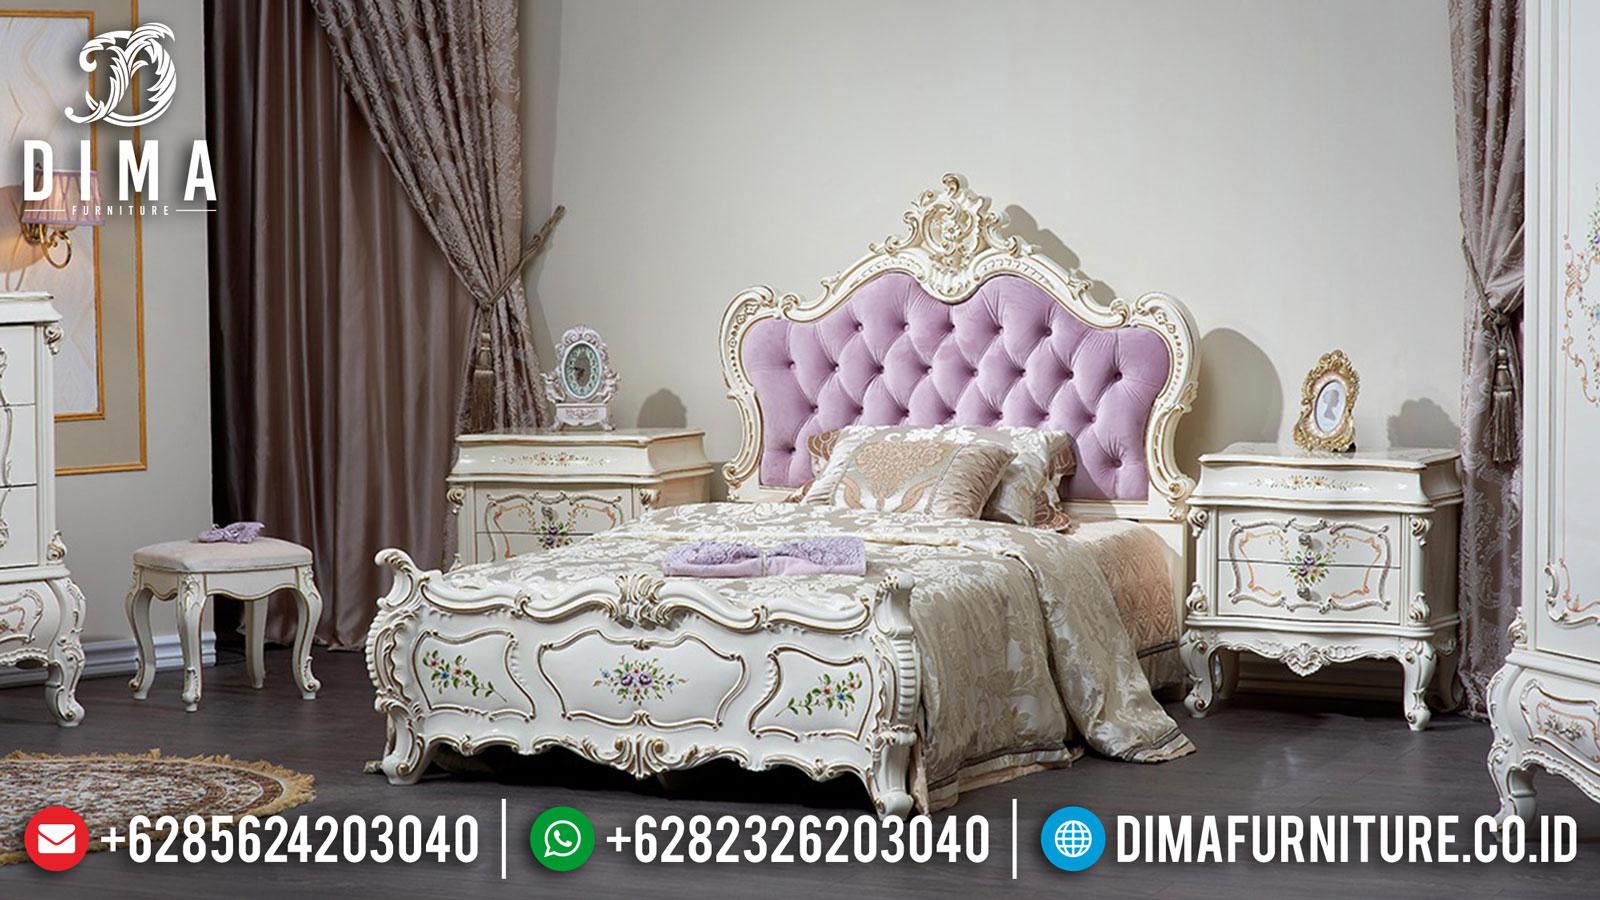 New Model Kamar Set Mewah Ukir Jepara Luxury Furniture Harga Terjangkau ST-1142